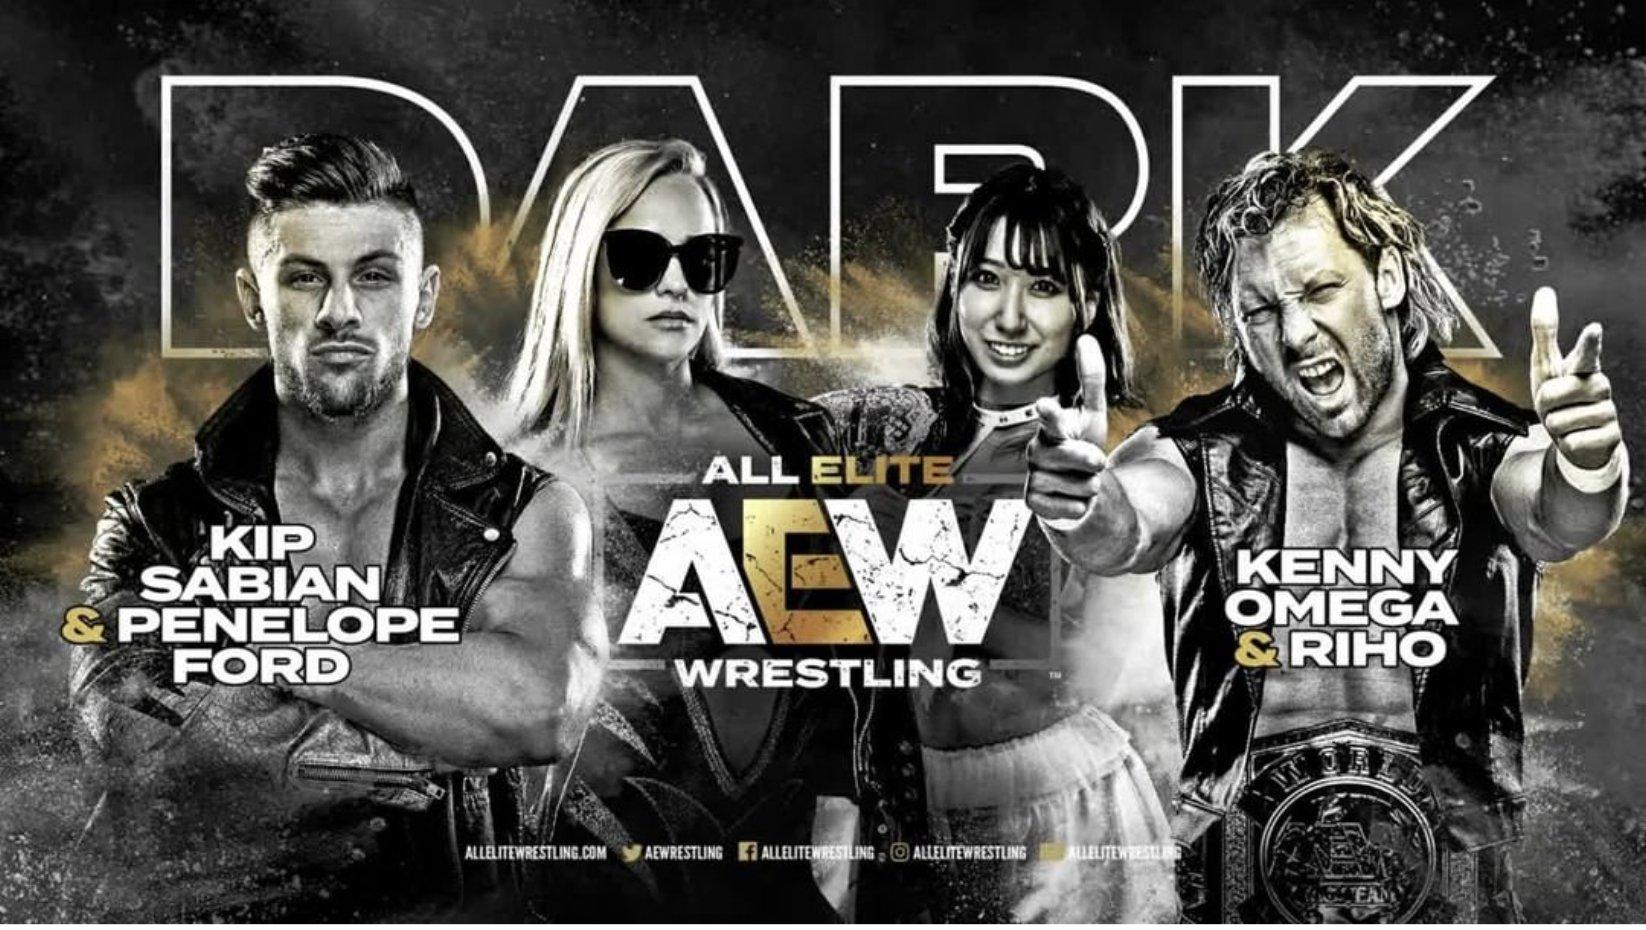 AEW DARK Episodio 18 | La histórica primera lucha de relevos mixtos 1